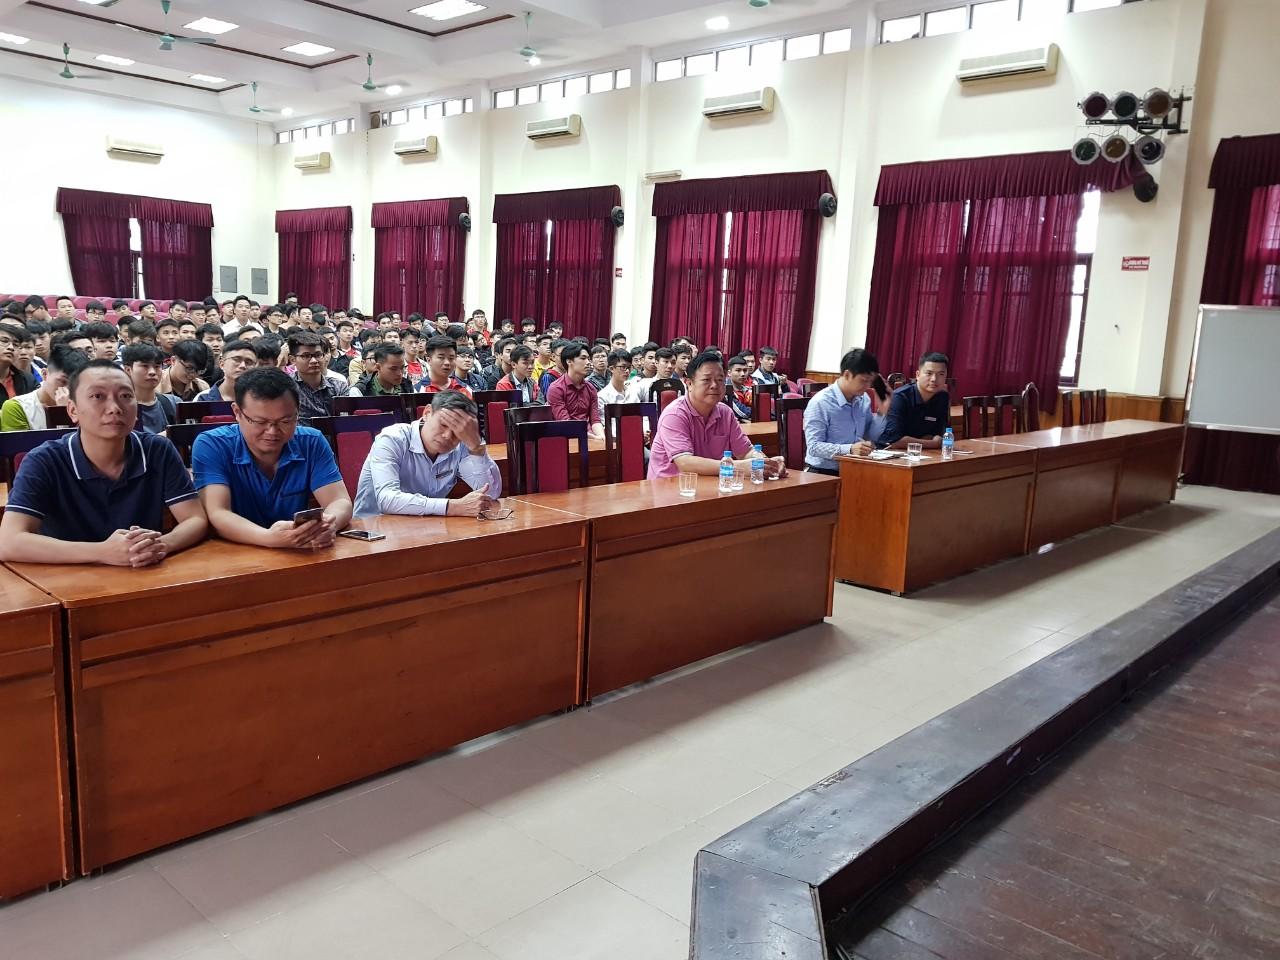 Khoa công nghệ ô tô triển khai học kỳ tốt nghiệp và CVHT cho sinh viên ĐH K11